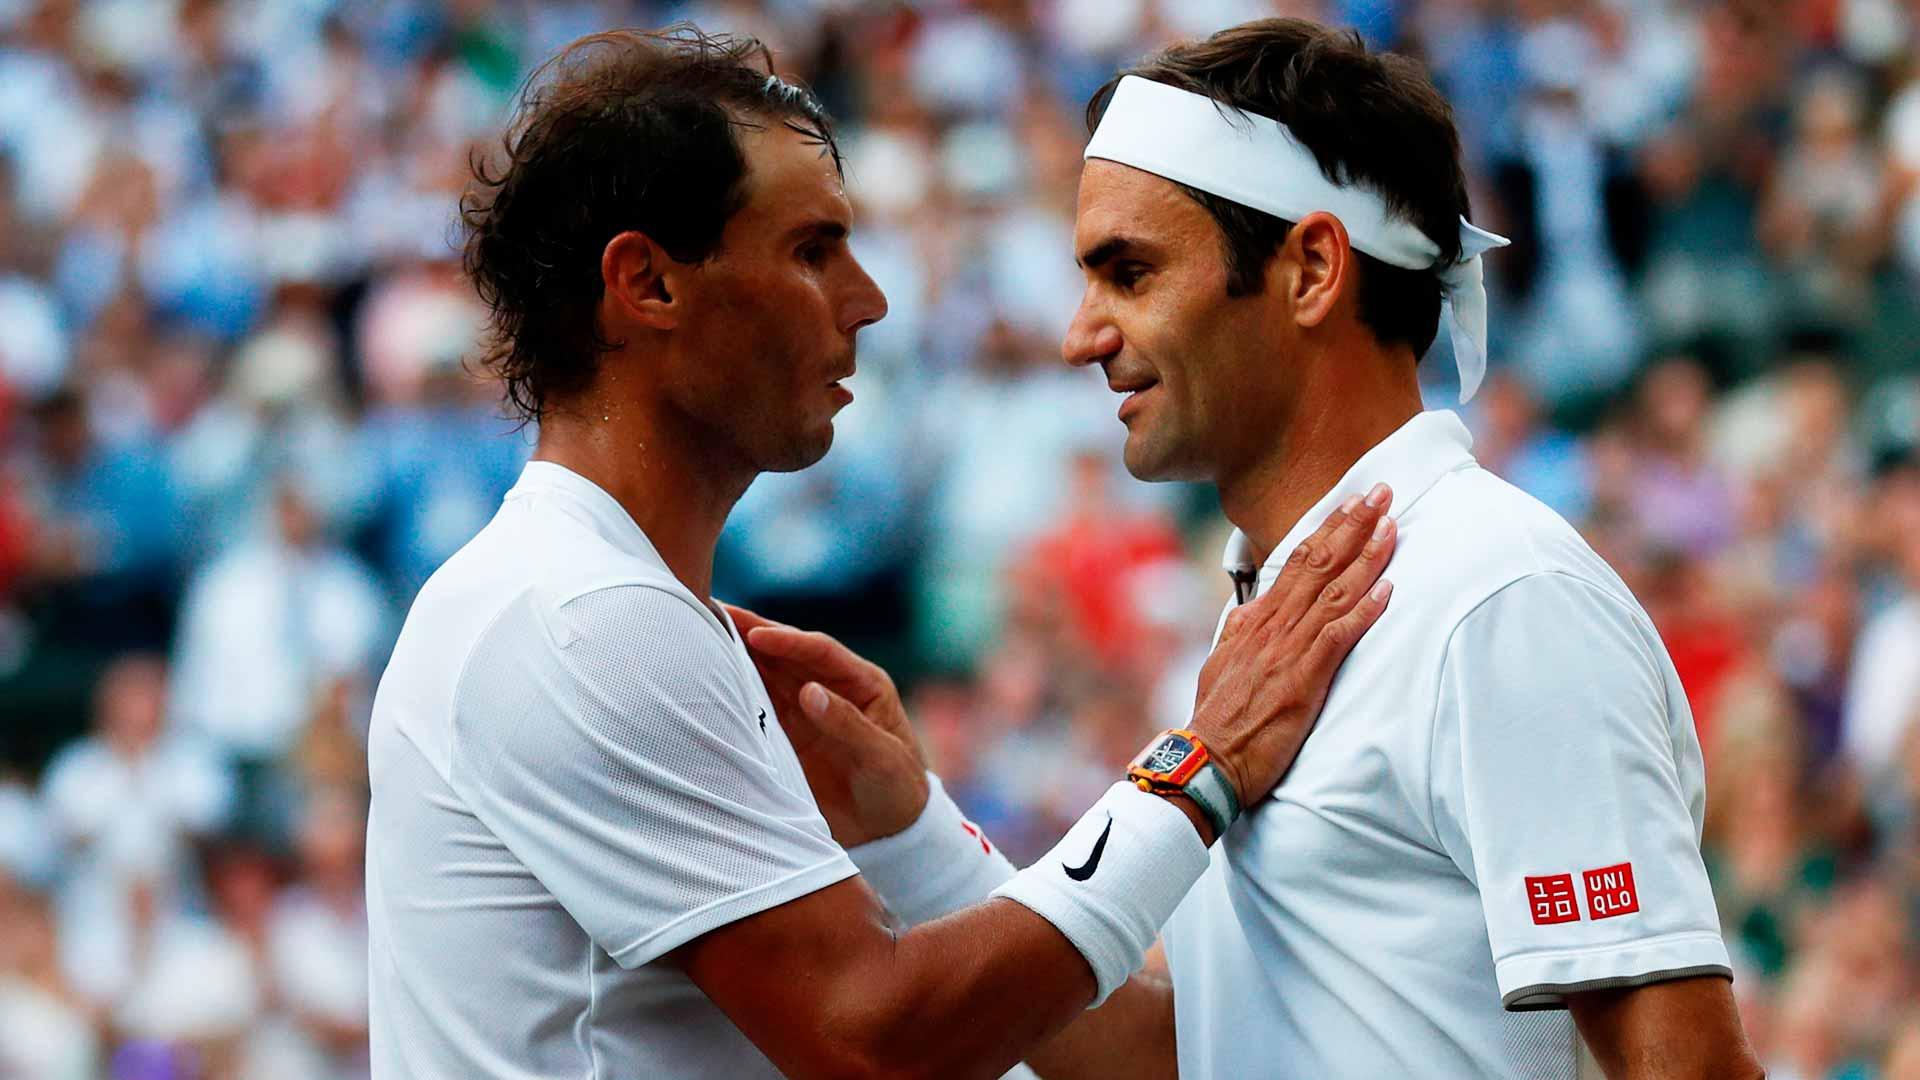 Federer Nadal rivalry